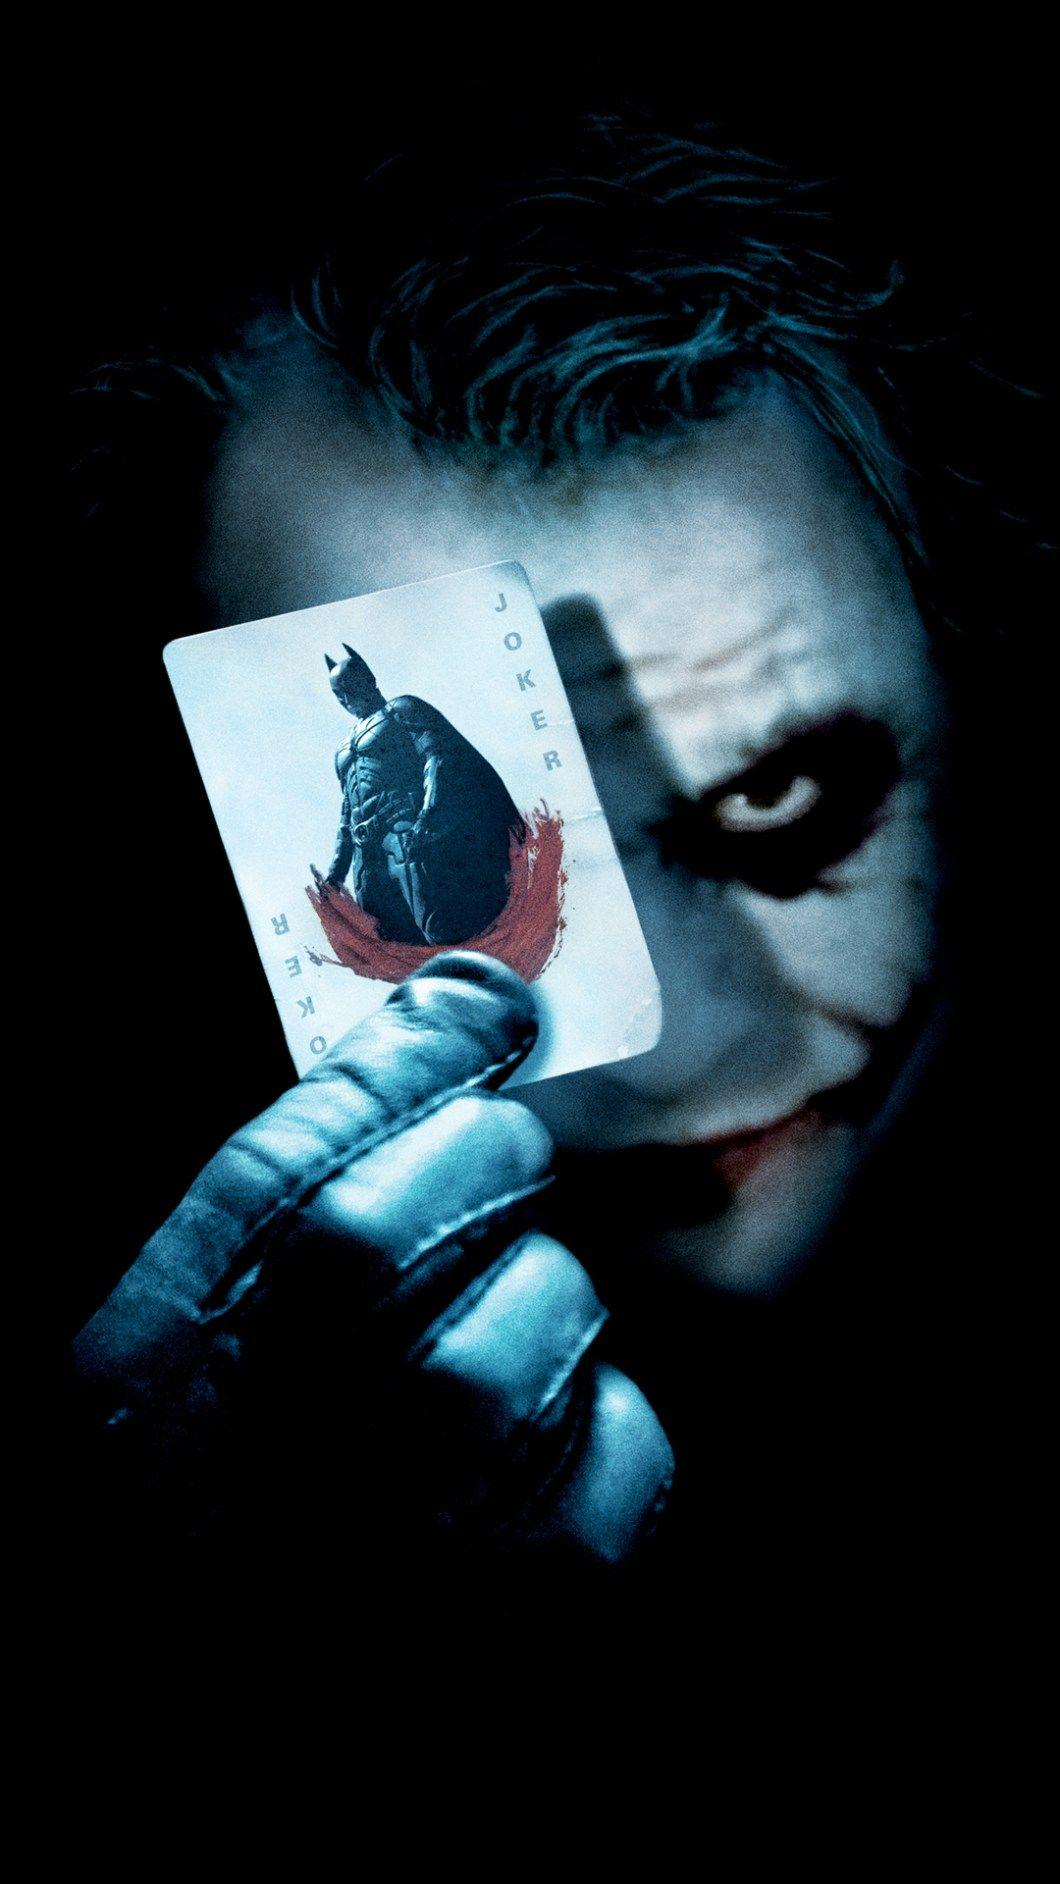 Joker Duvar Kağıtları 4K,4K Duvar Kağıtları,4K wallpaper